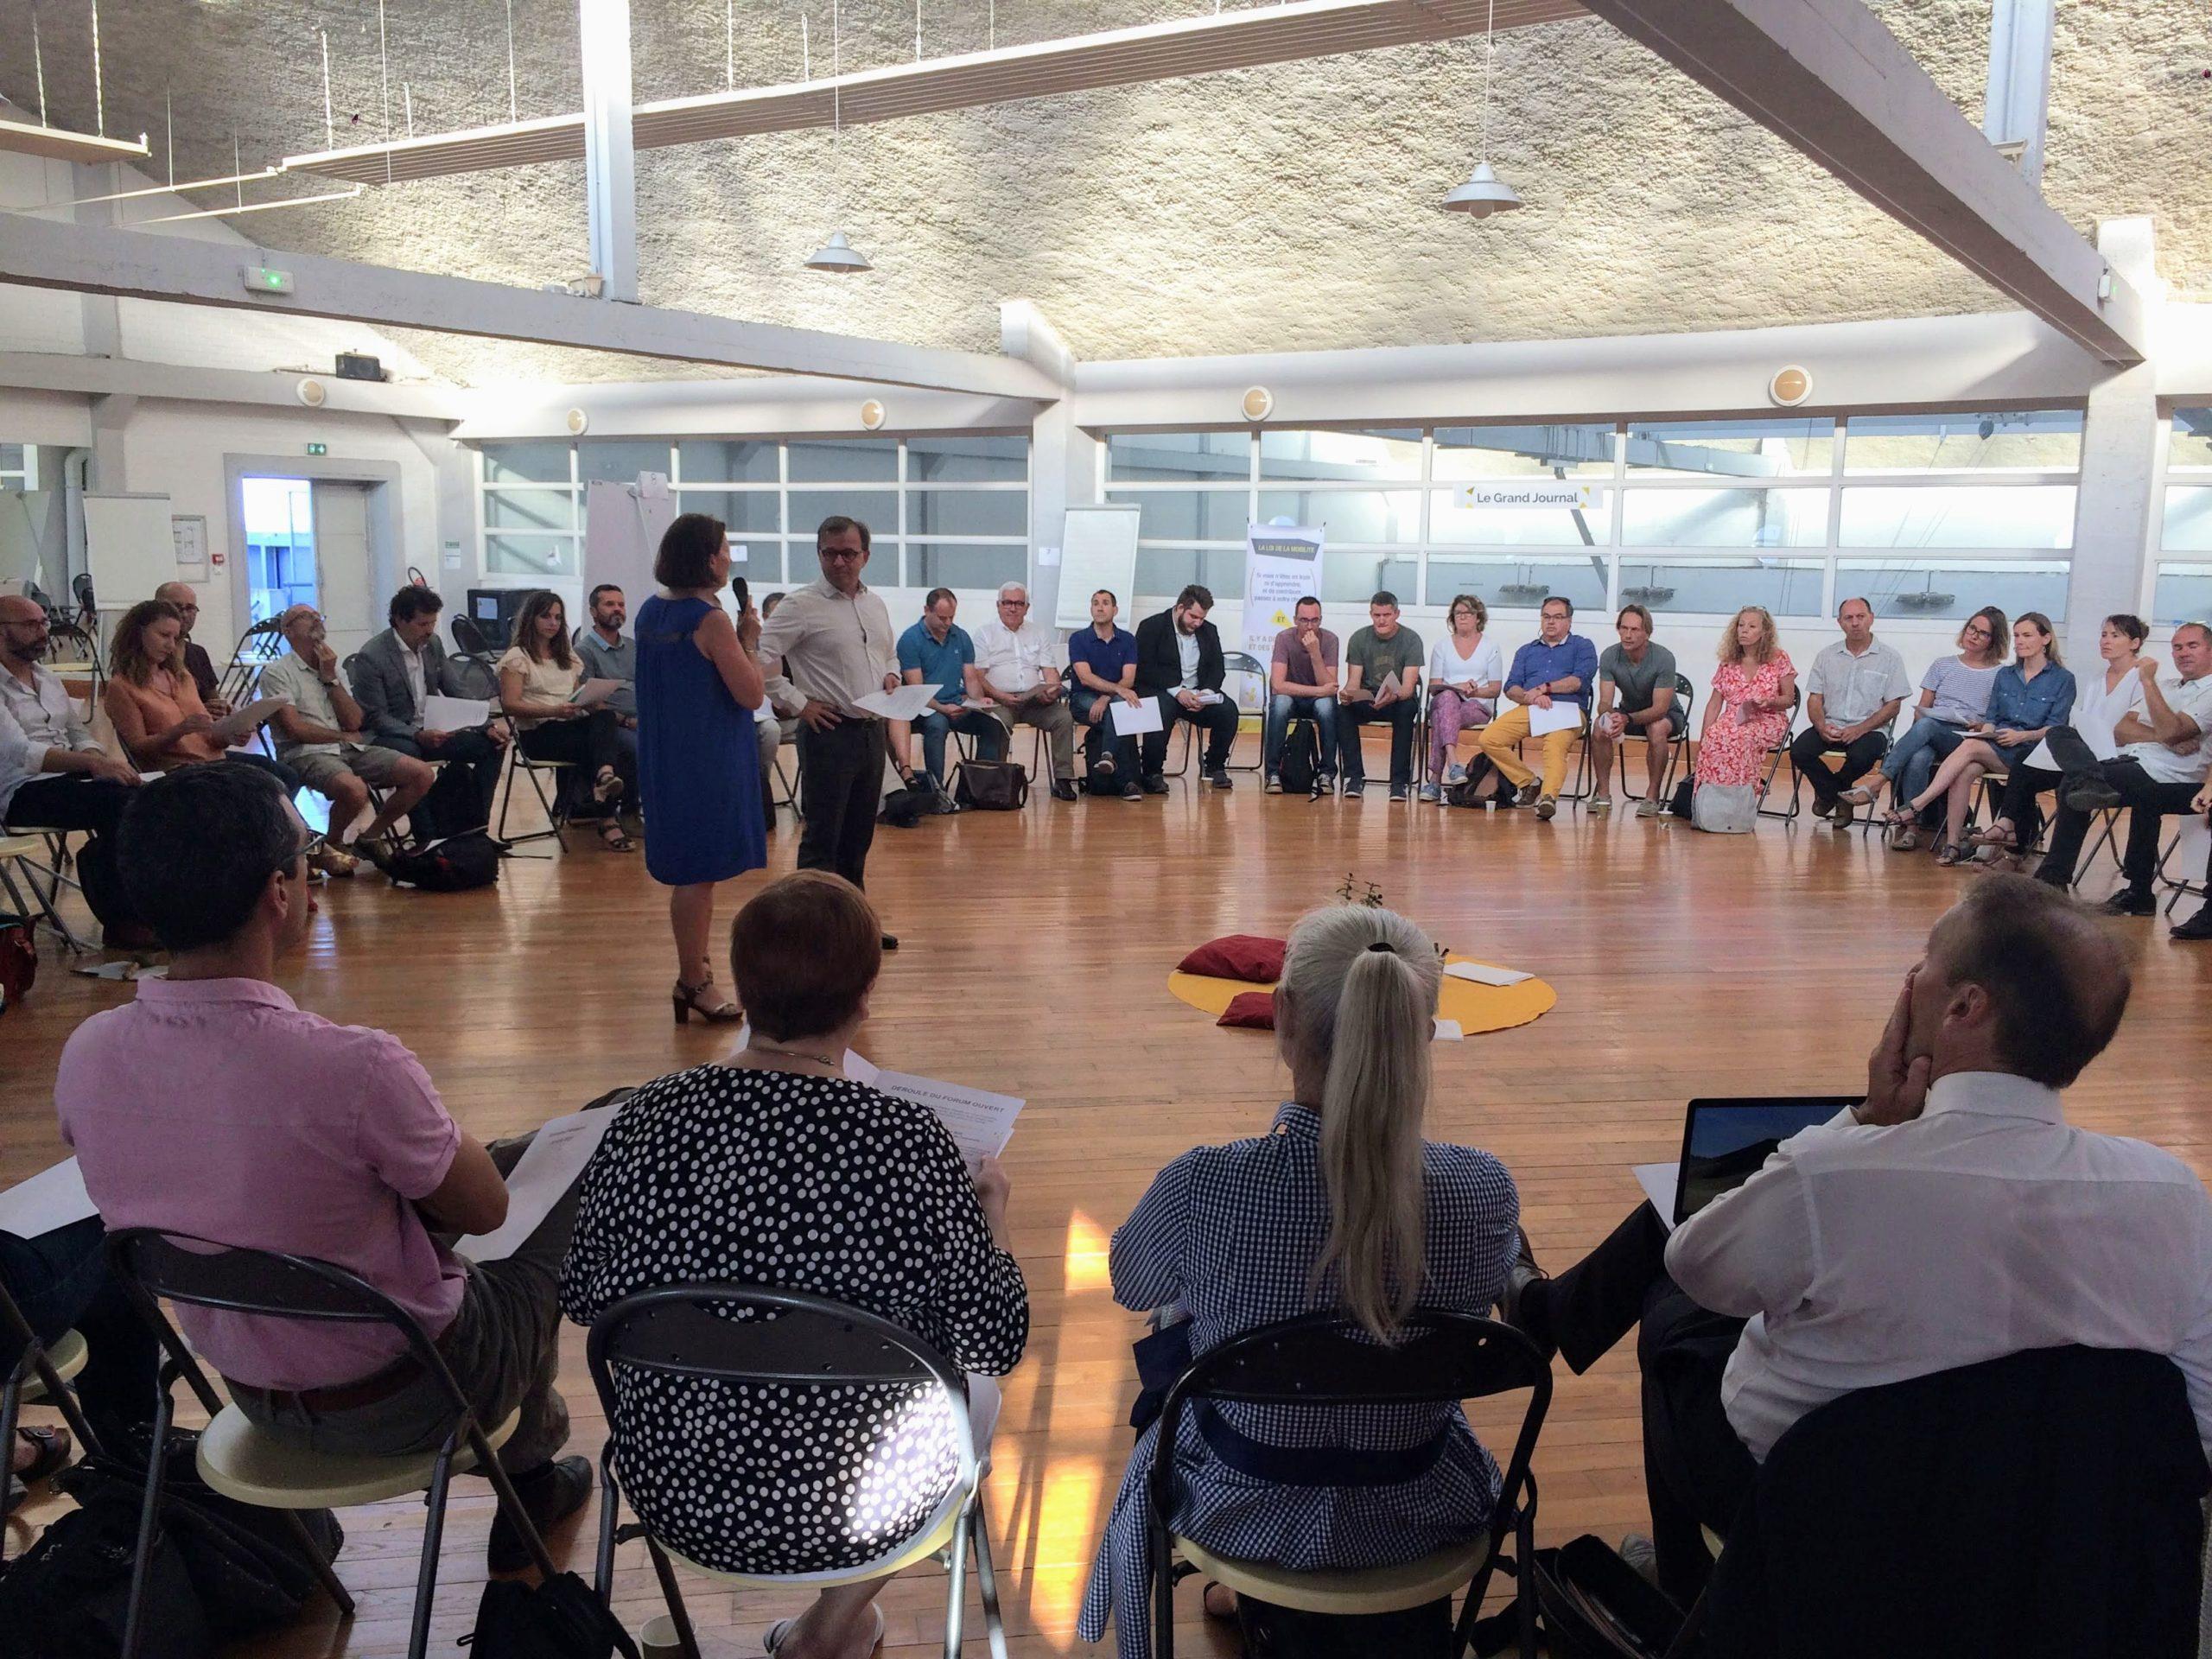 Cercle d'ouverture - Forum Ouvert La Rochelle - Humanance